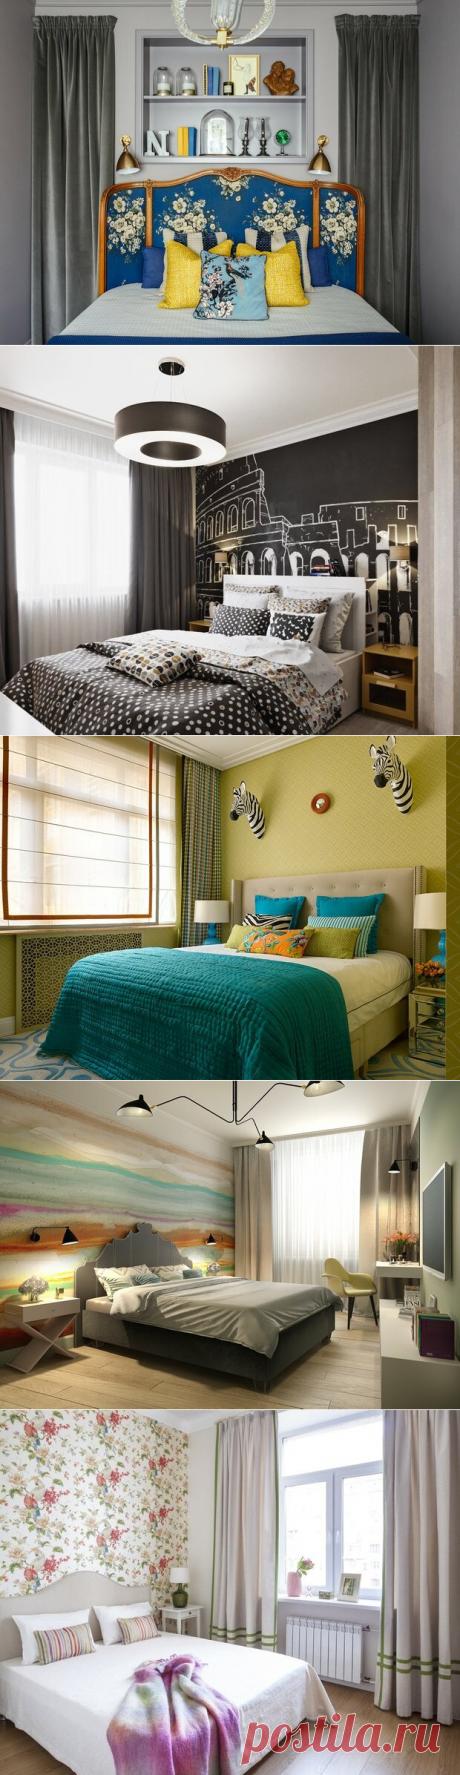 10 идей от профи, как оформить стену за изголовьем кровати | INMYROOM.RU | Яндекс Дзен